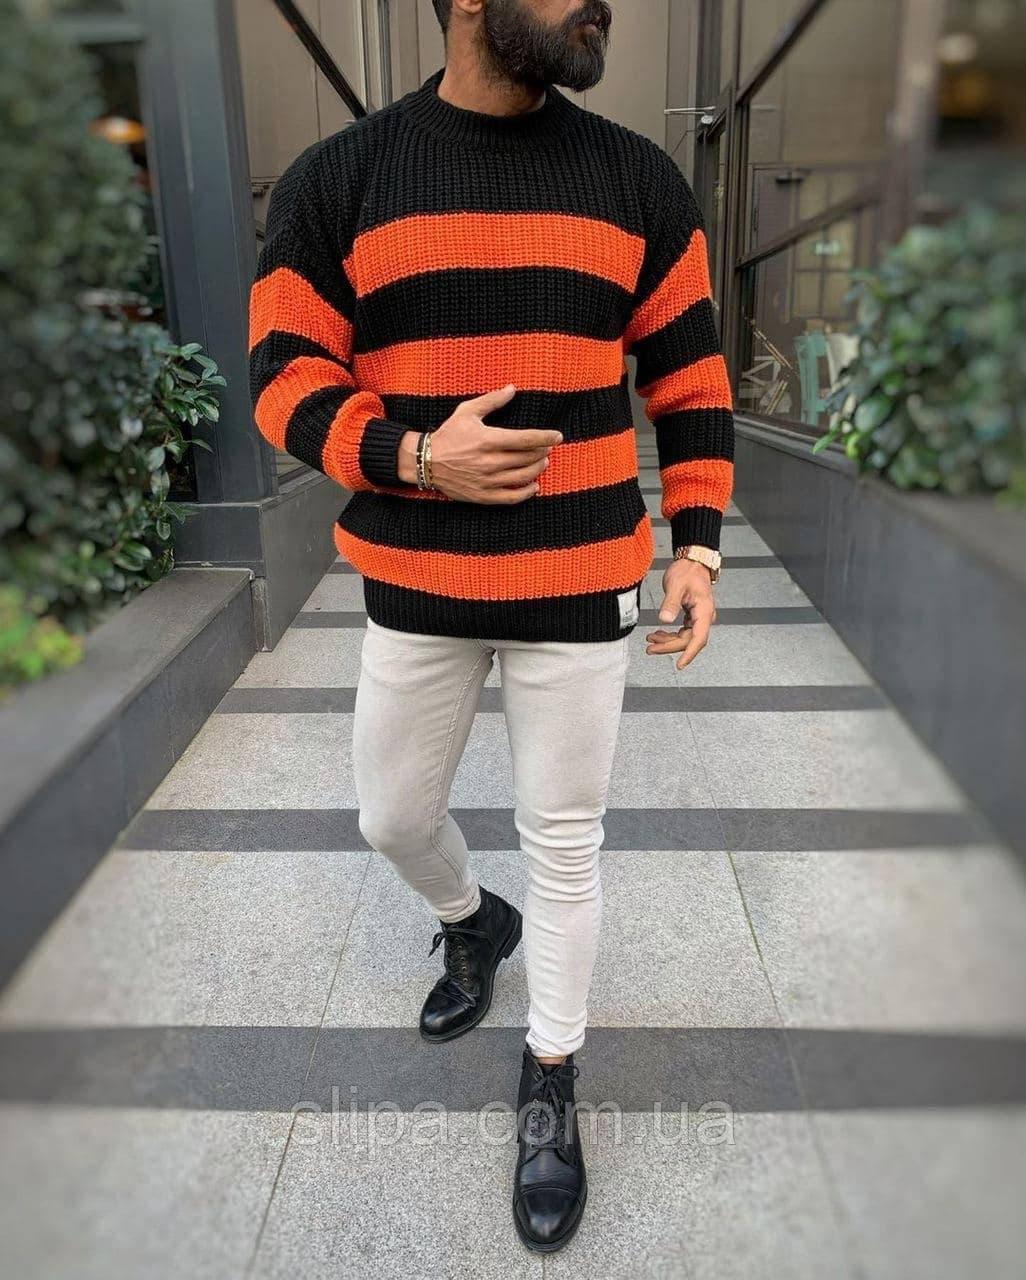 Мужской свитер оверсайз чёрный в оранжевую полоску ( Турция )